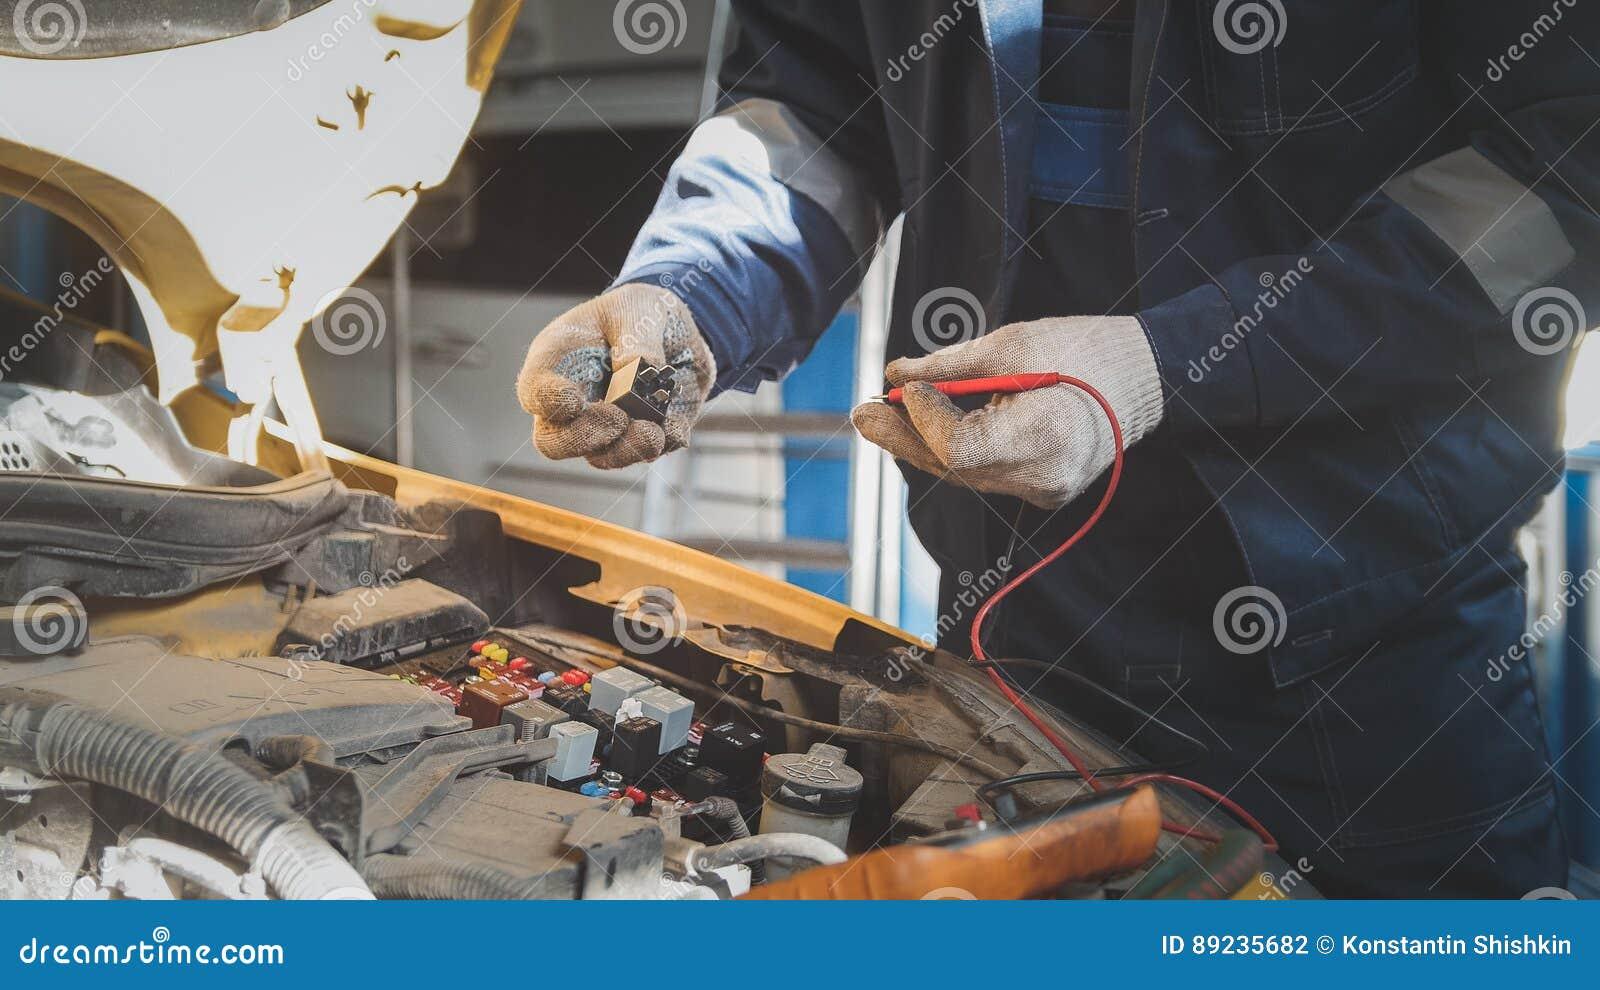 Mekanikern i auto seminarium arbetar med bilelkrafter - elektriskt ledningsnät, voltmeter